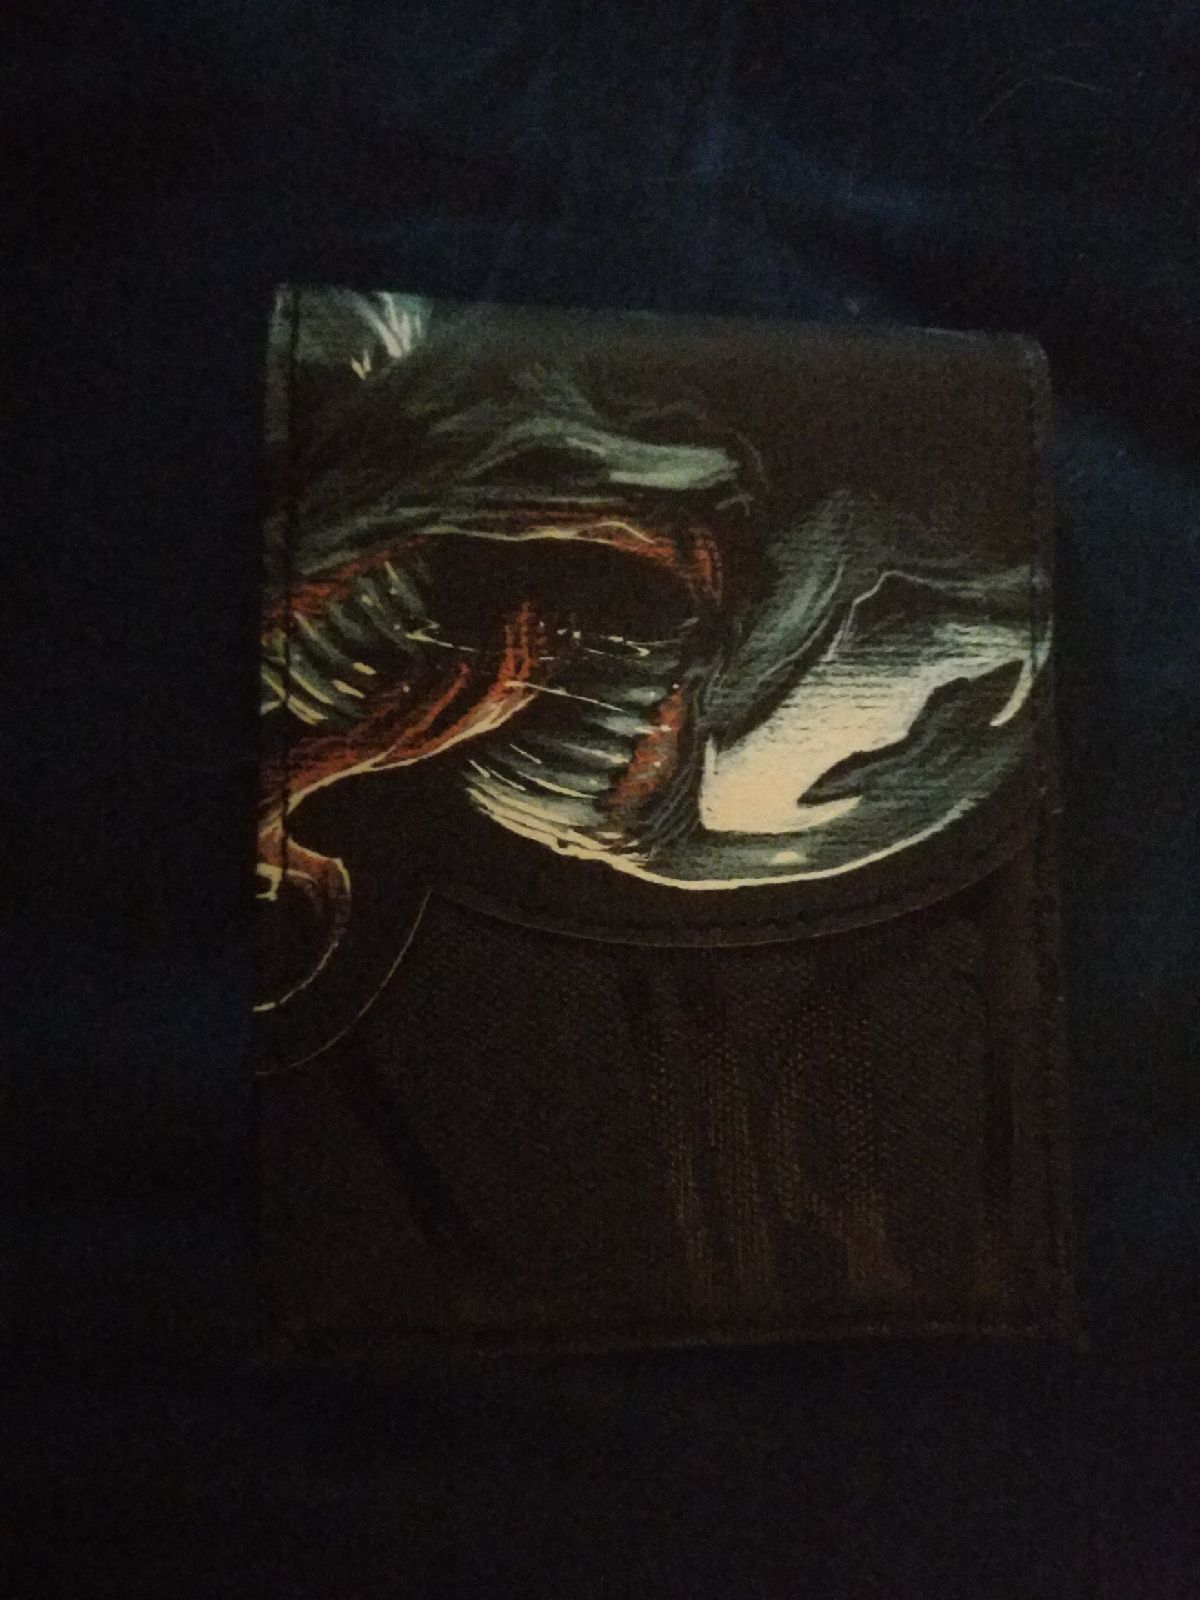 Venom wallet